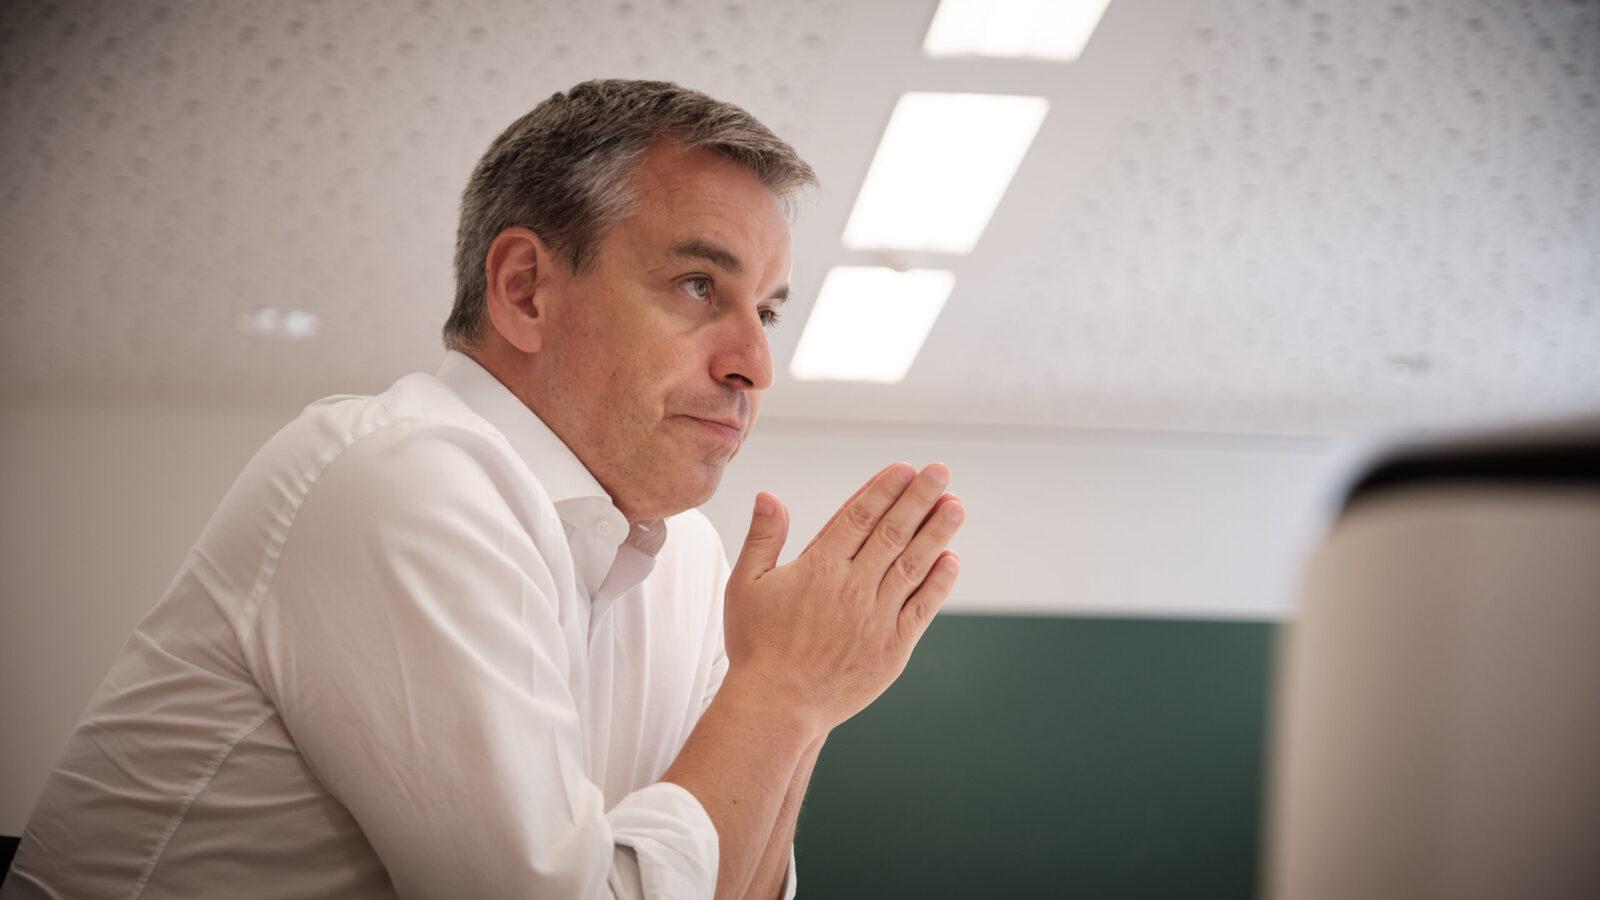 Bildungspolitik: Das schnelle Ende einer Hauruckreform - Reporter.lu